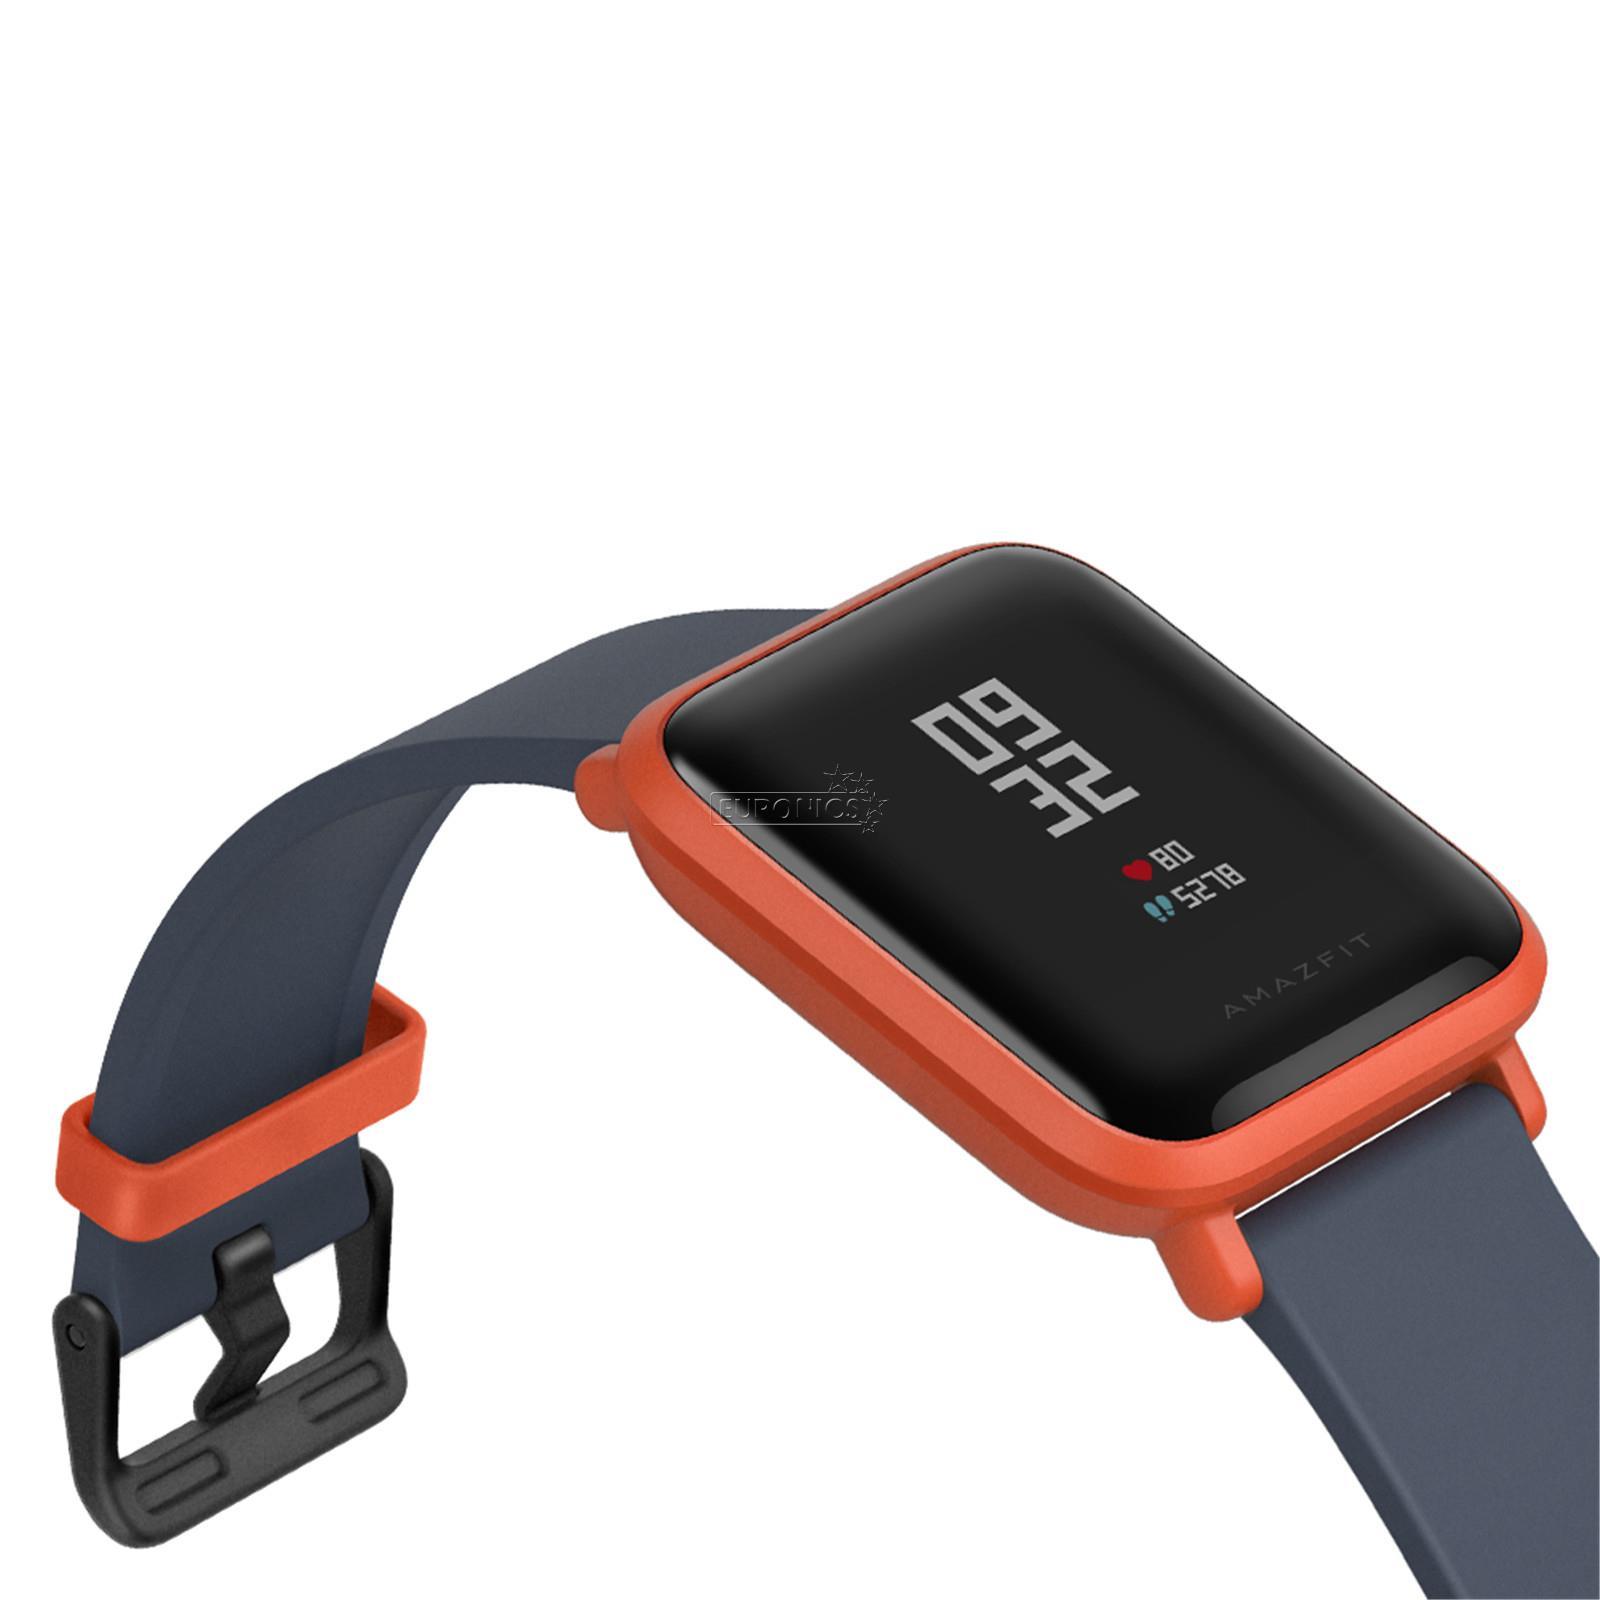 Кроме этого есть функция поиска смартфона, можно посмотреть информацию о прошивке, сделать сброс до заводских настроек и отключить часы.